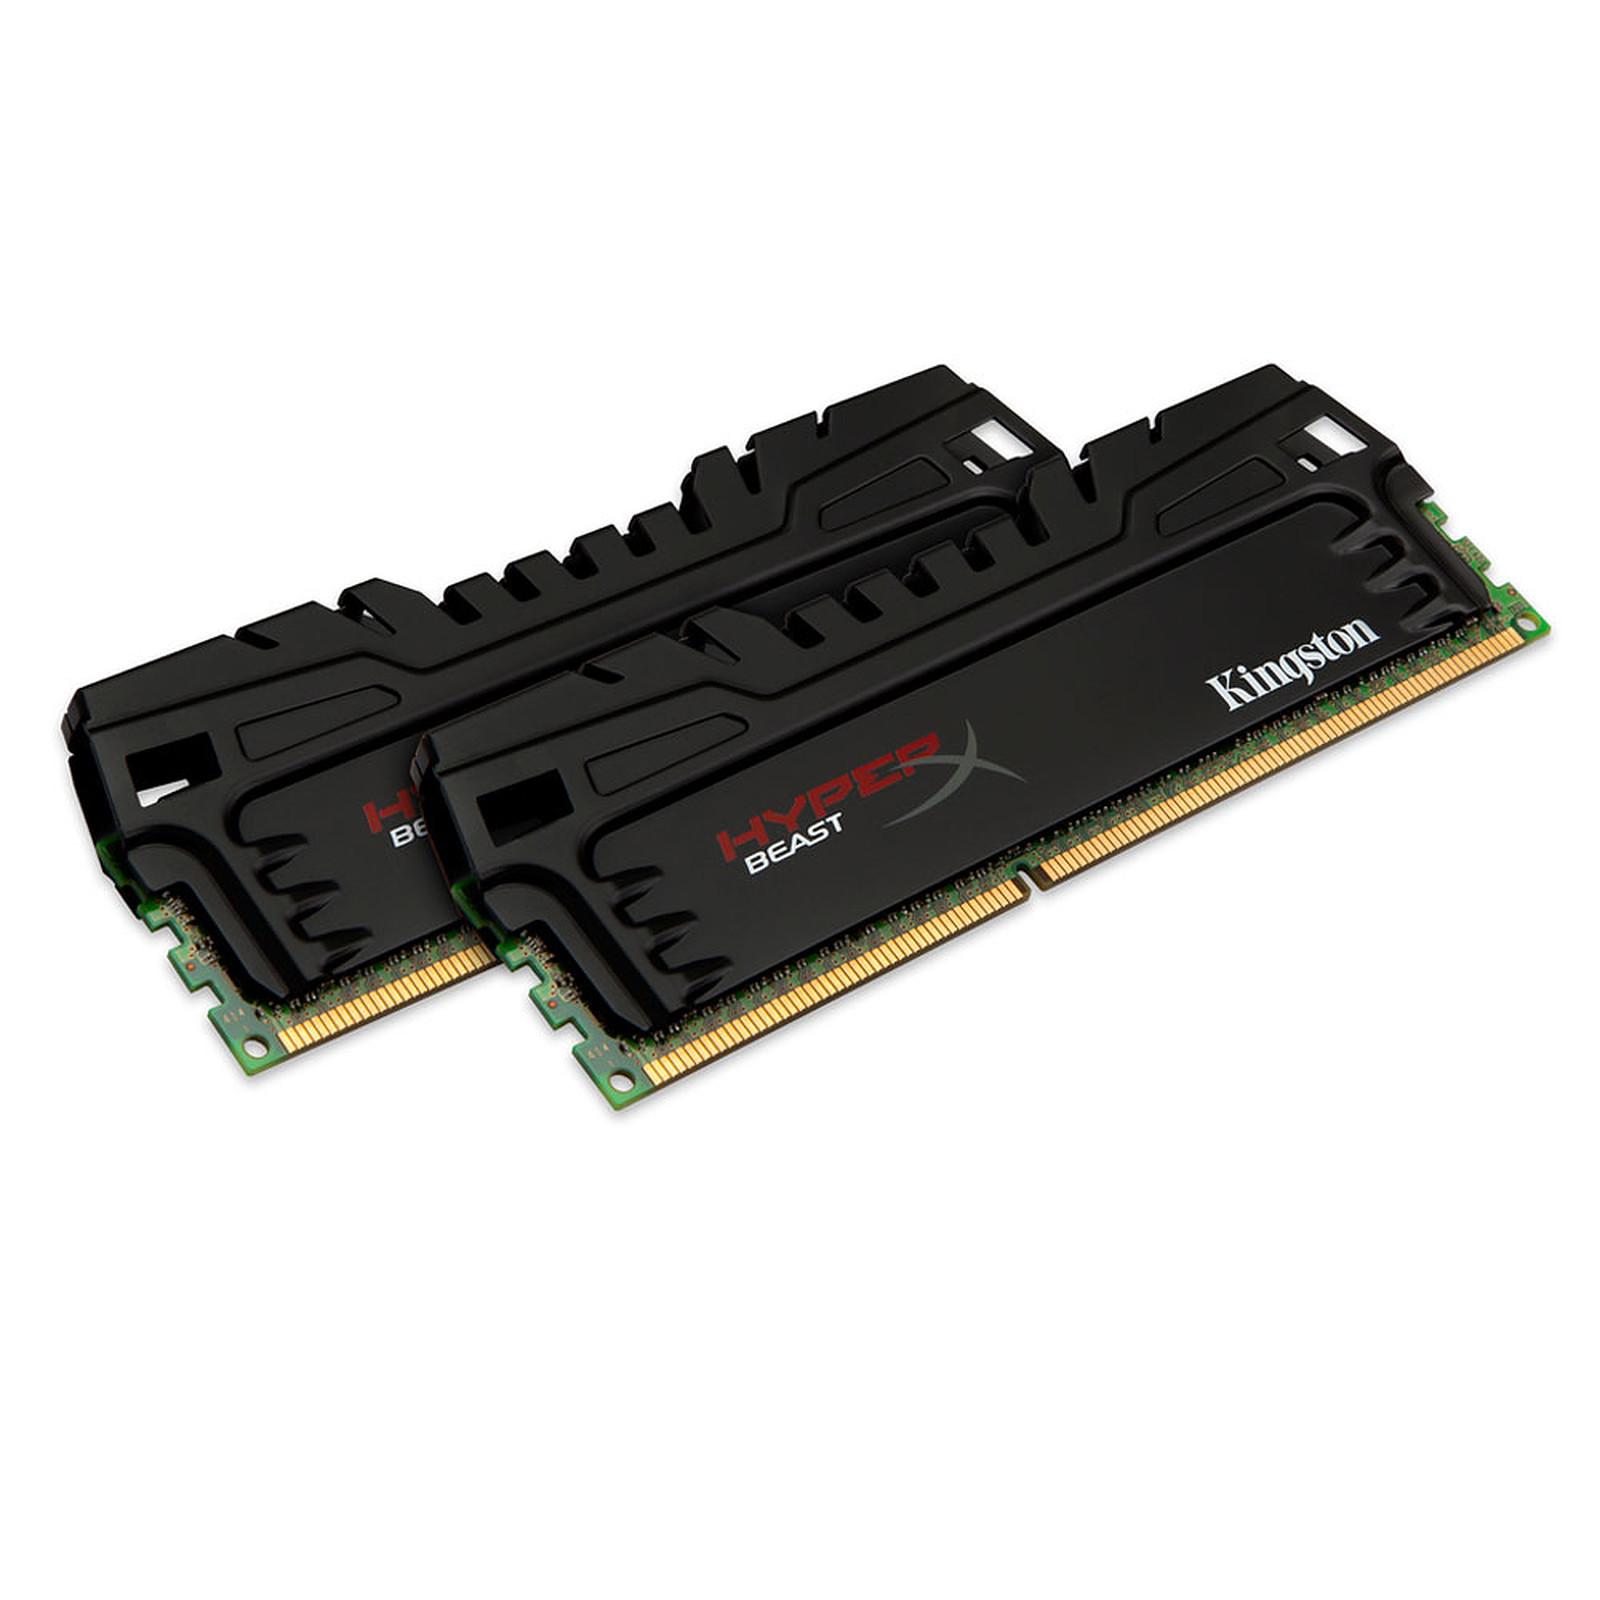 HyperX Beast 8 Go (2 x 4 Go) DDR3 2133 MHz CL11